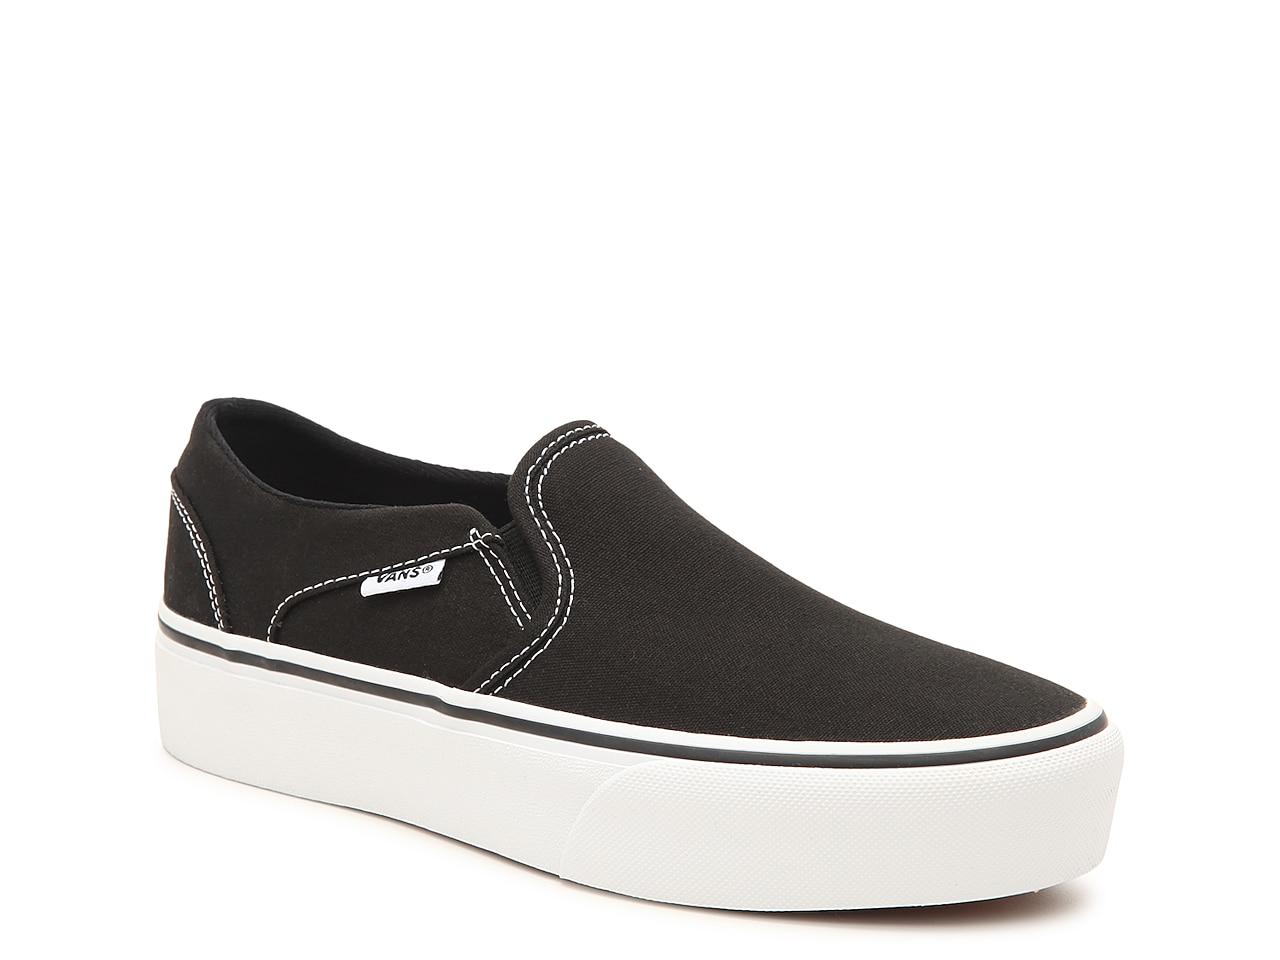 Vans Asher Platform Slip-On Sneaker - Women's